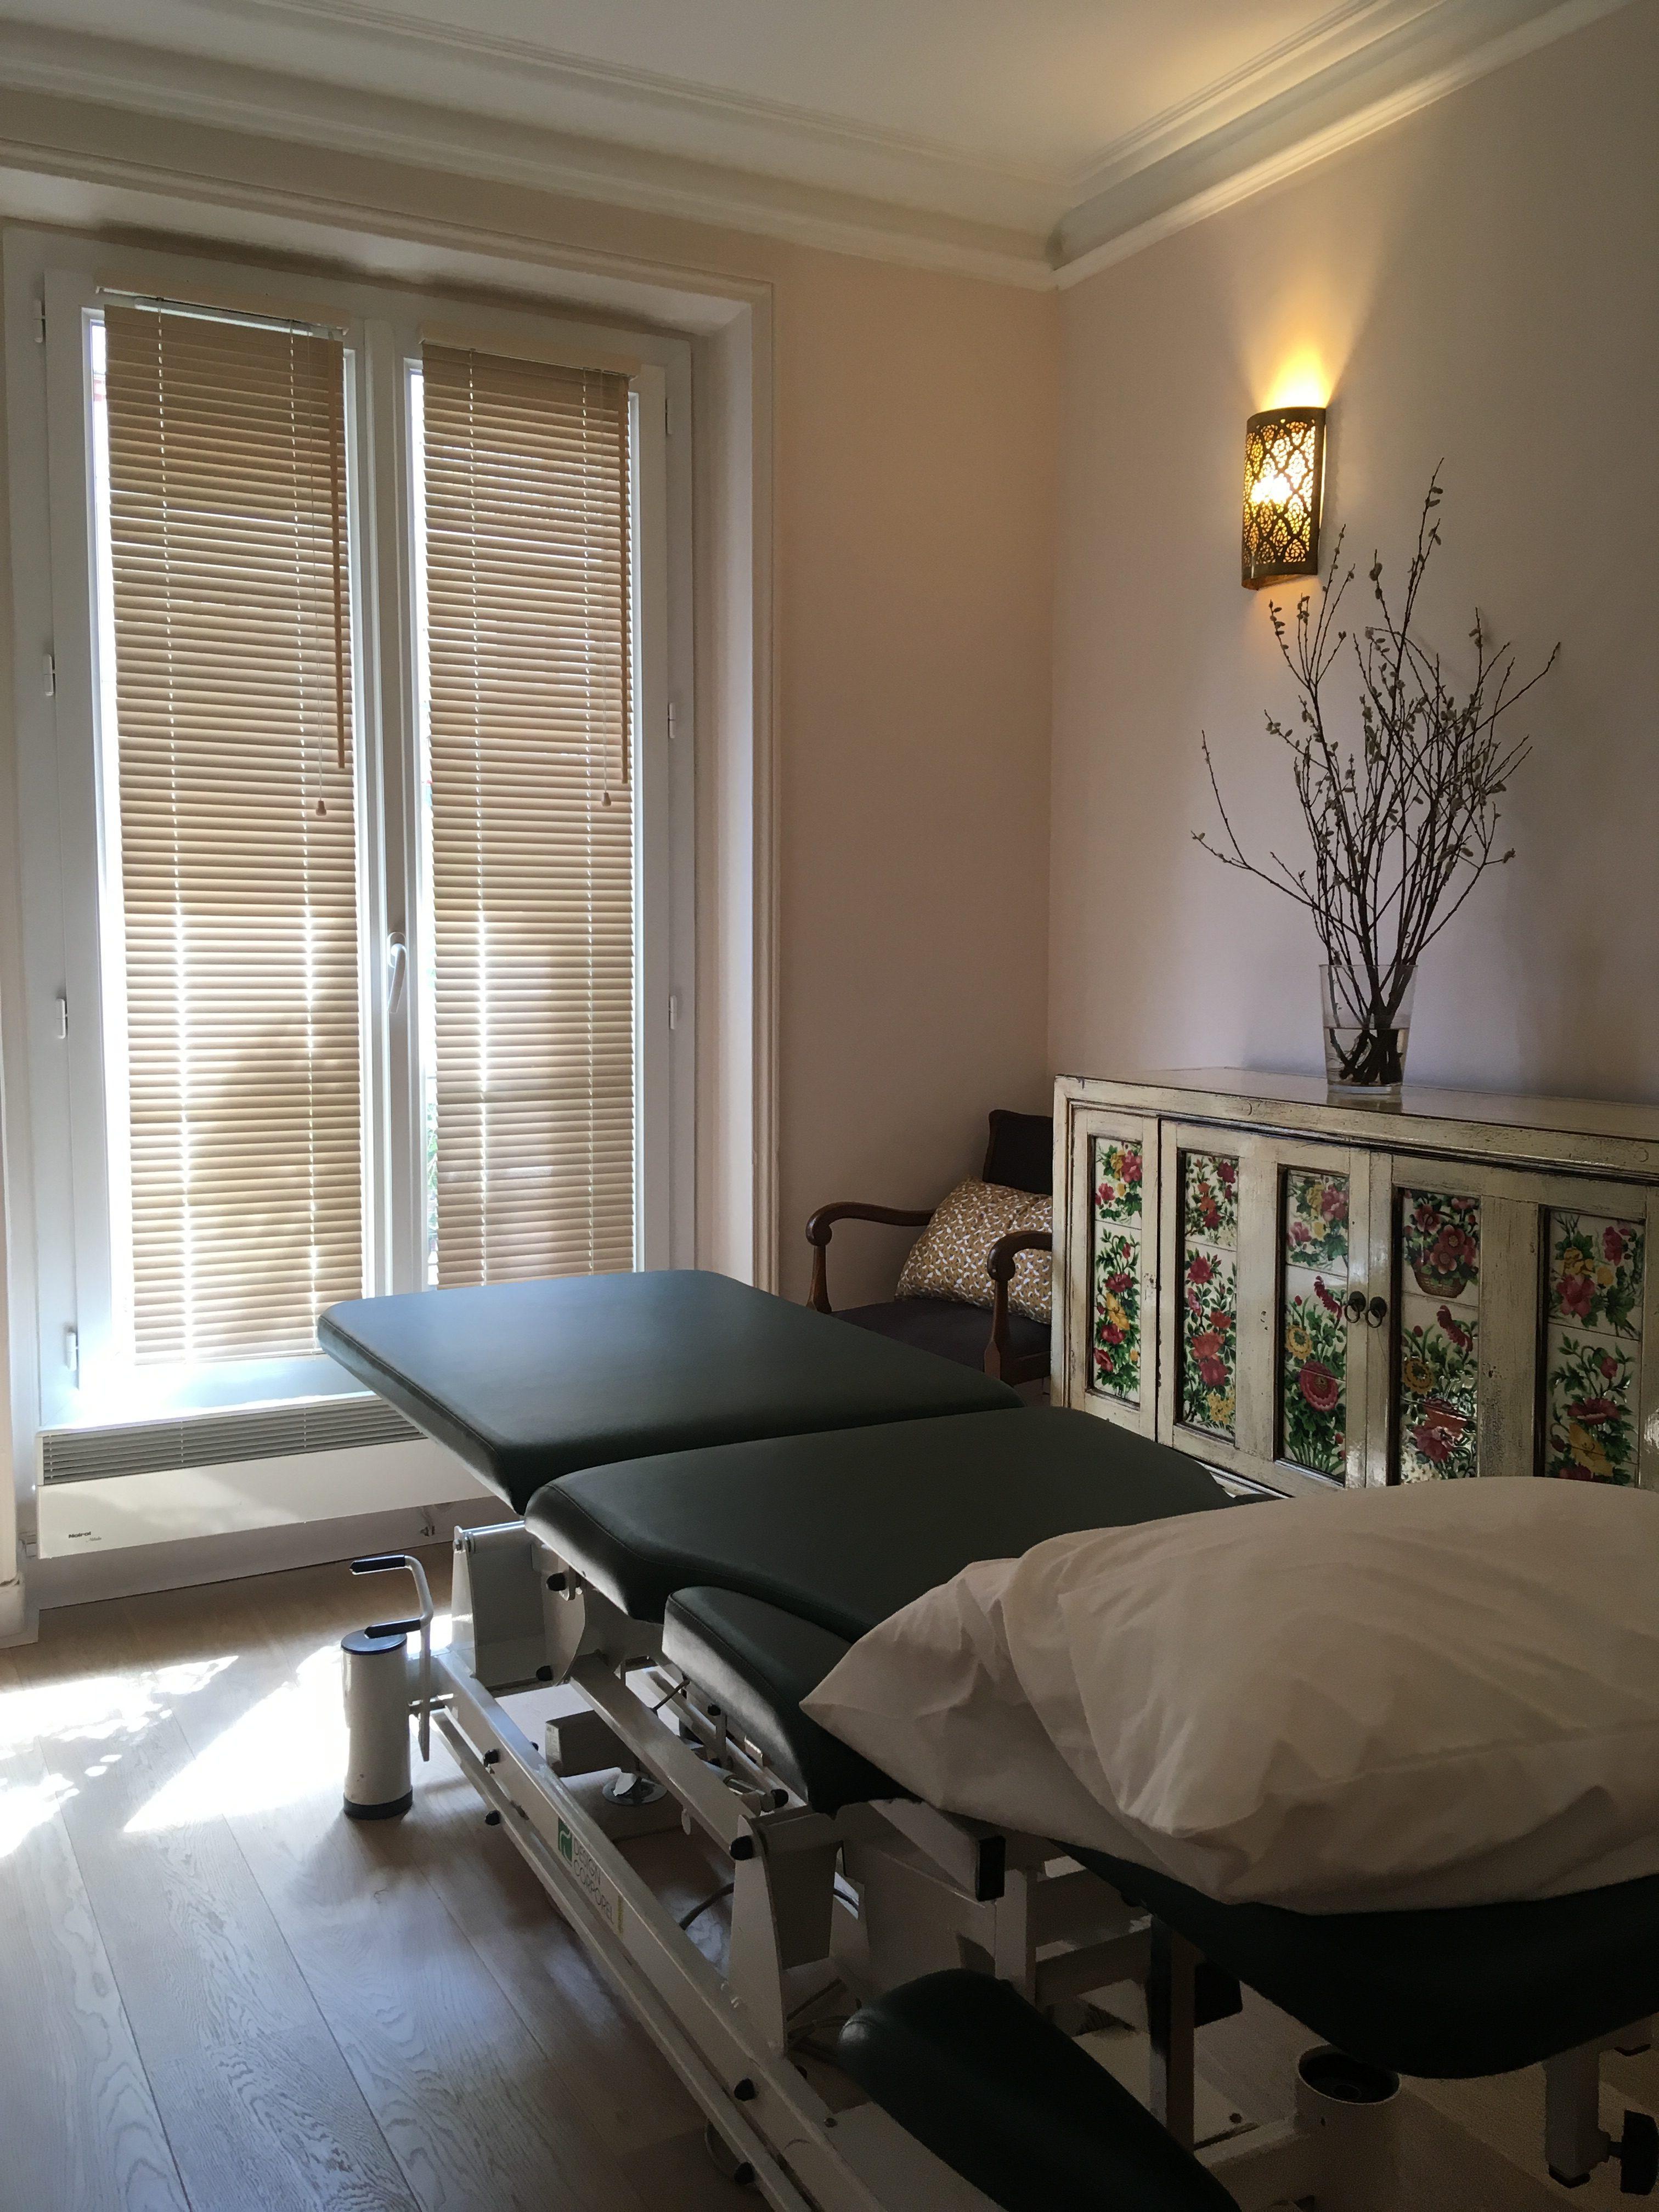 consultation de votre ostéopathe à Paris 13ème